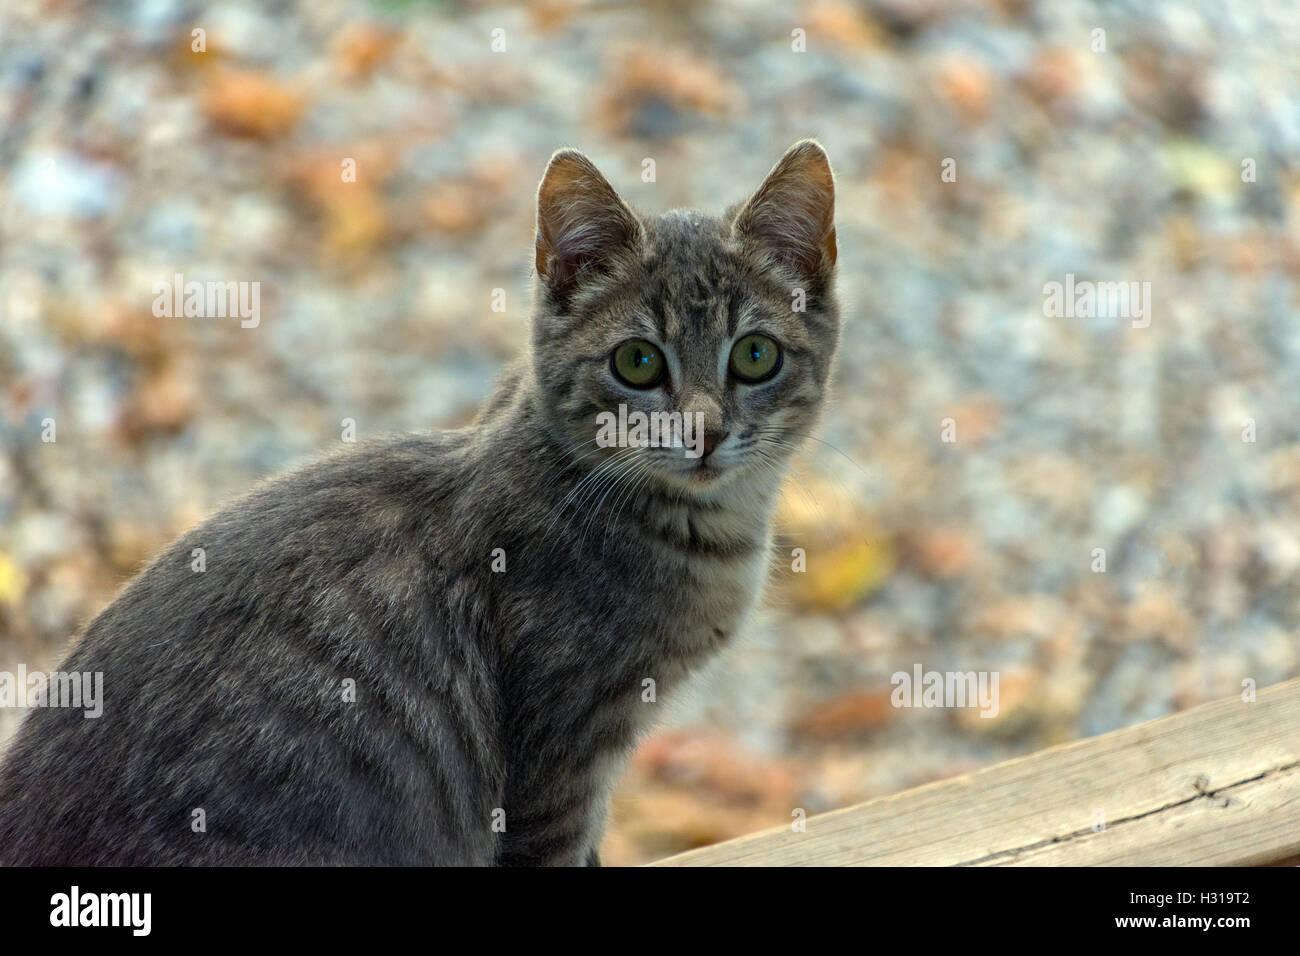 Timide feral cat regardant la caméra, peur, couleurs d'automne couleurs derrière Photo Stock